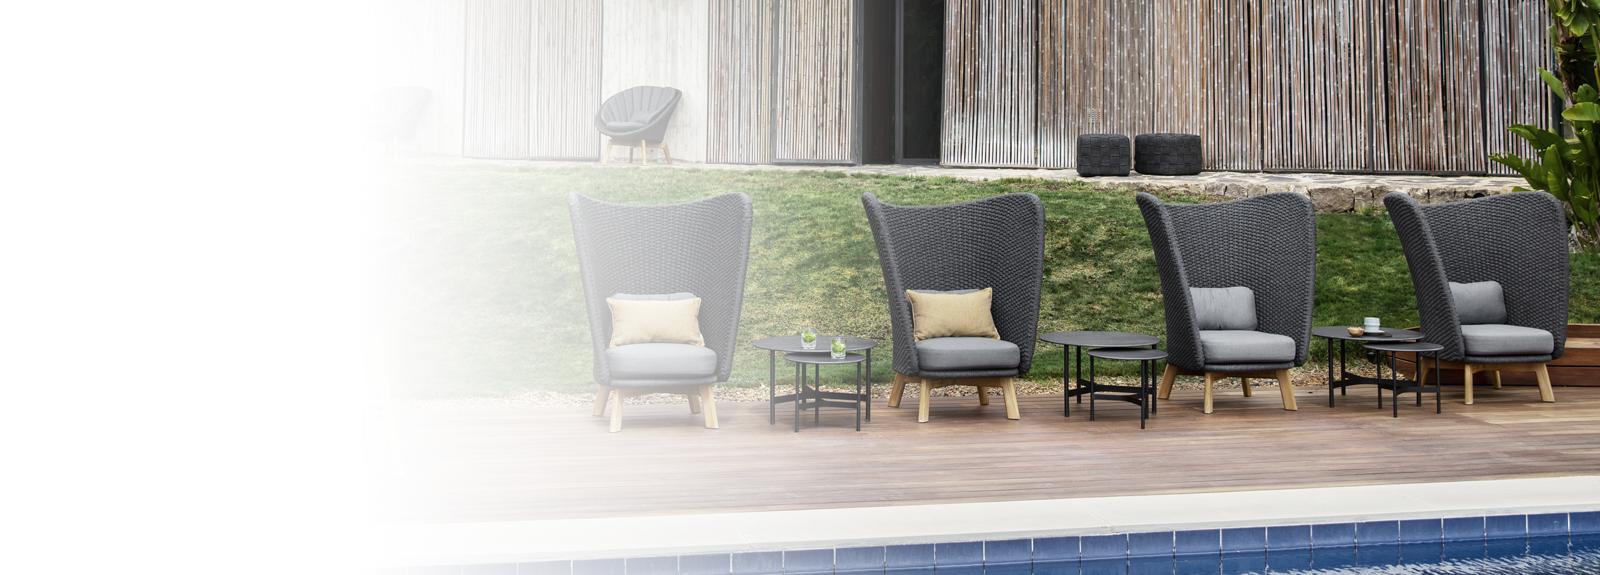 Garden Life Outdoor Living - Balkon szett